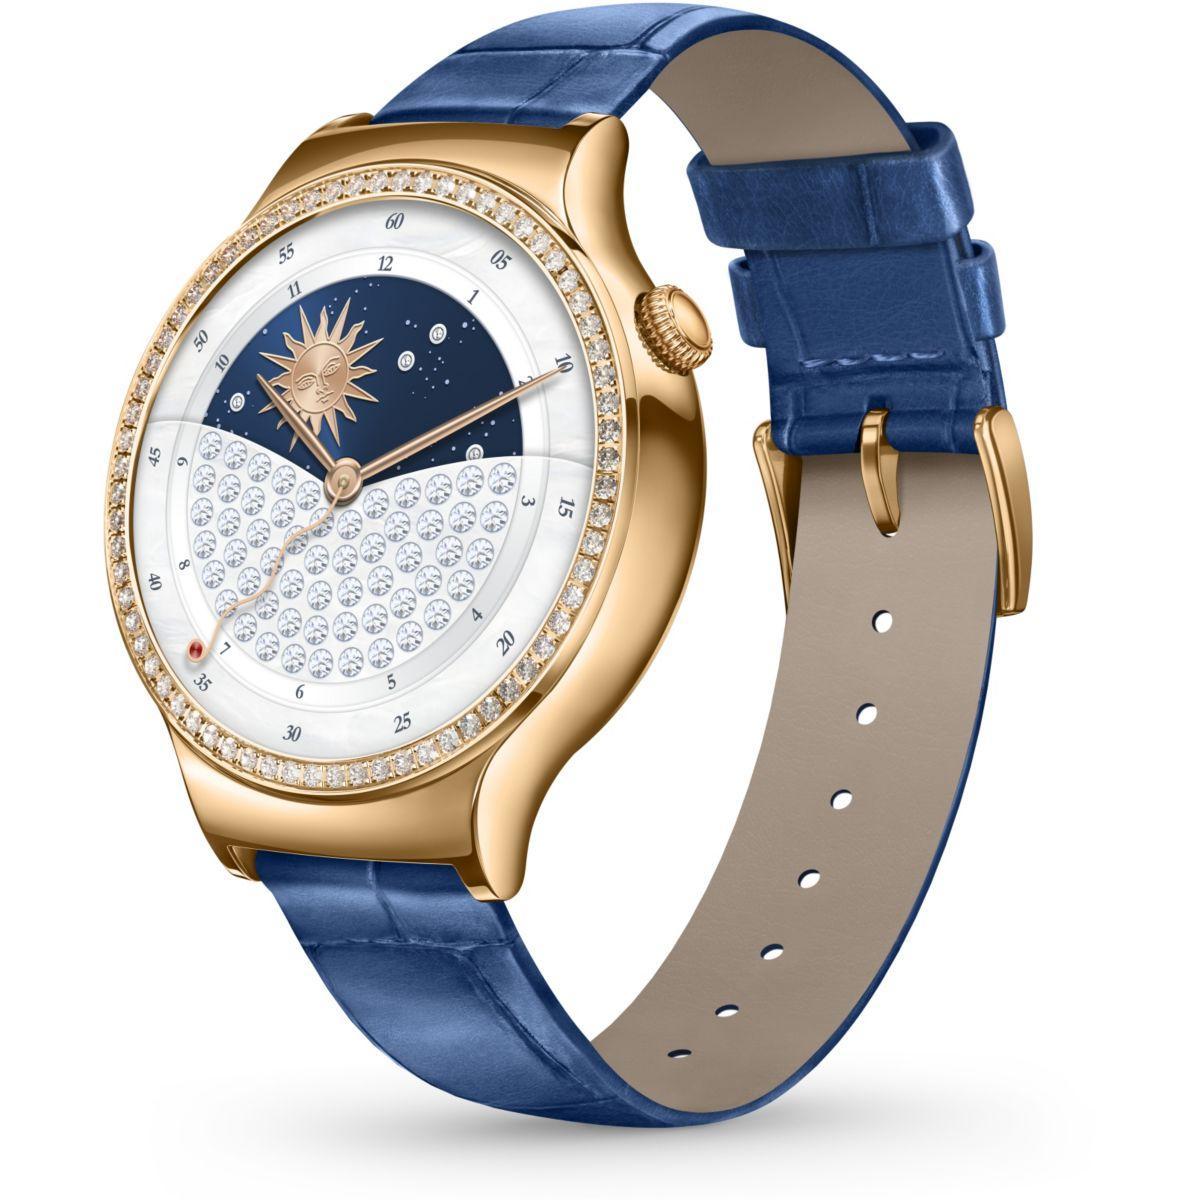 Montre connectée huawei watch jewel bleu - 20% de remise immédiate avec le code : top20 (photo)